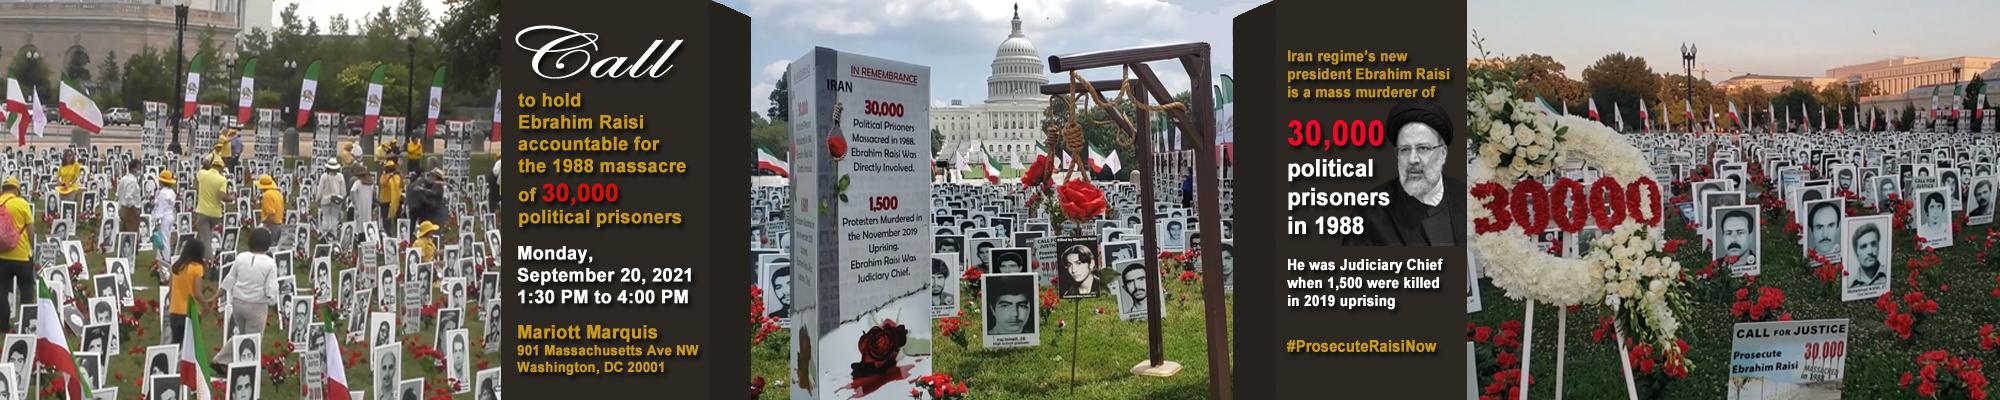 1988 Massacre Raisi Capitol